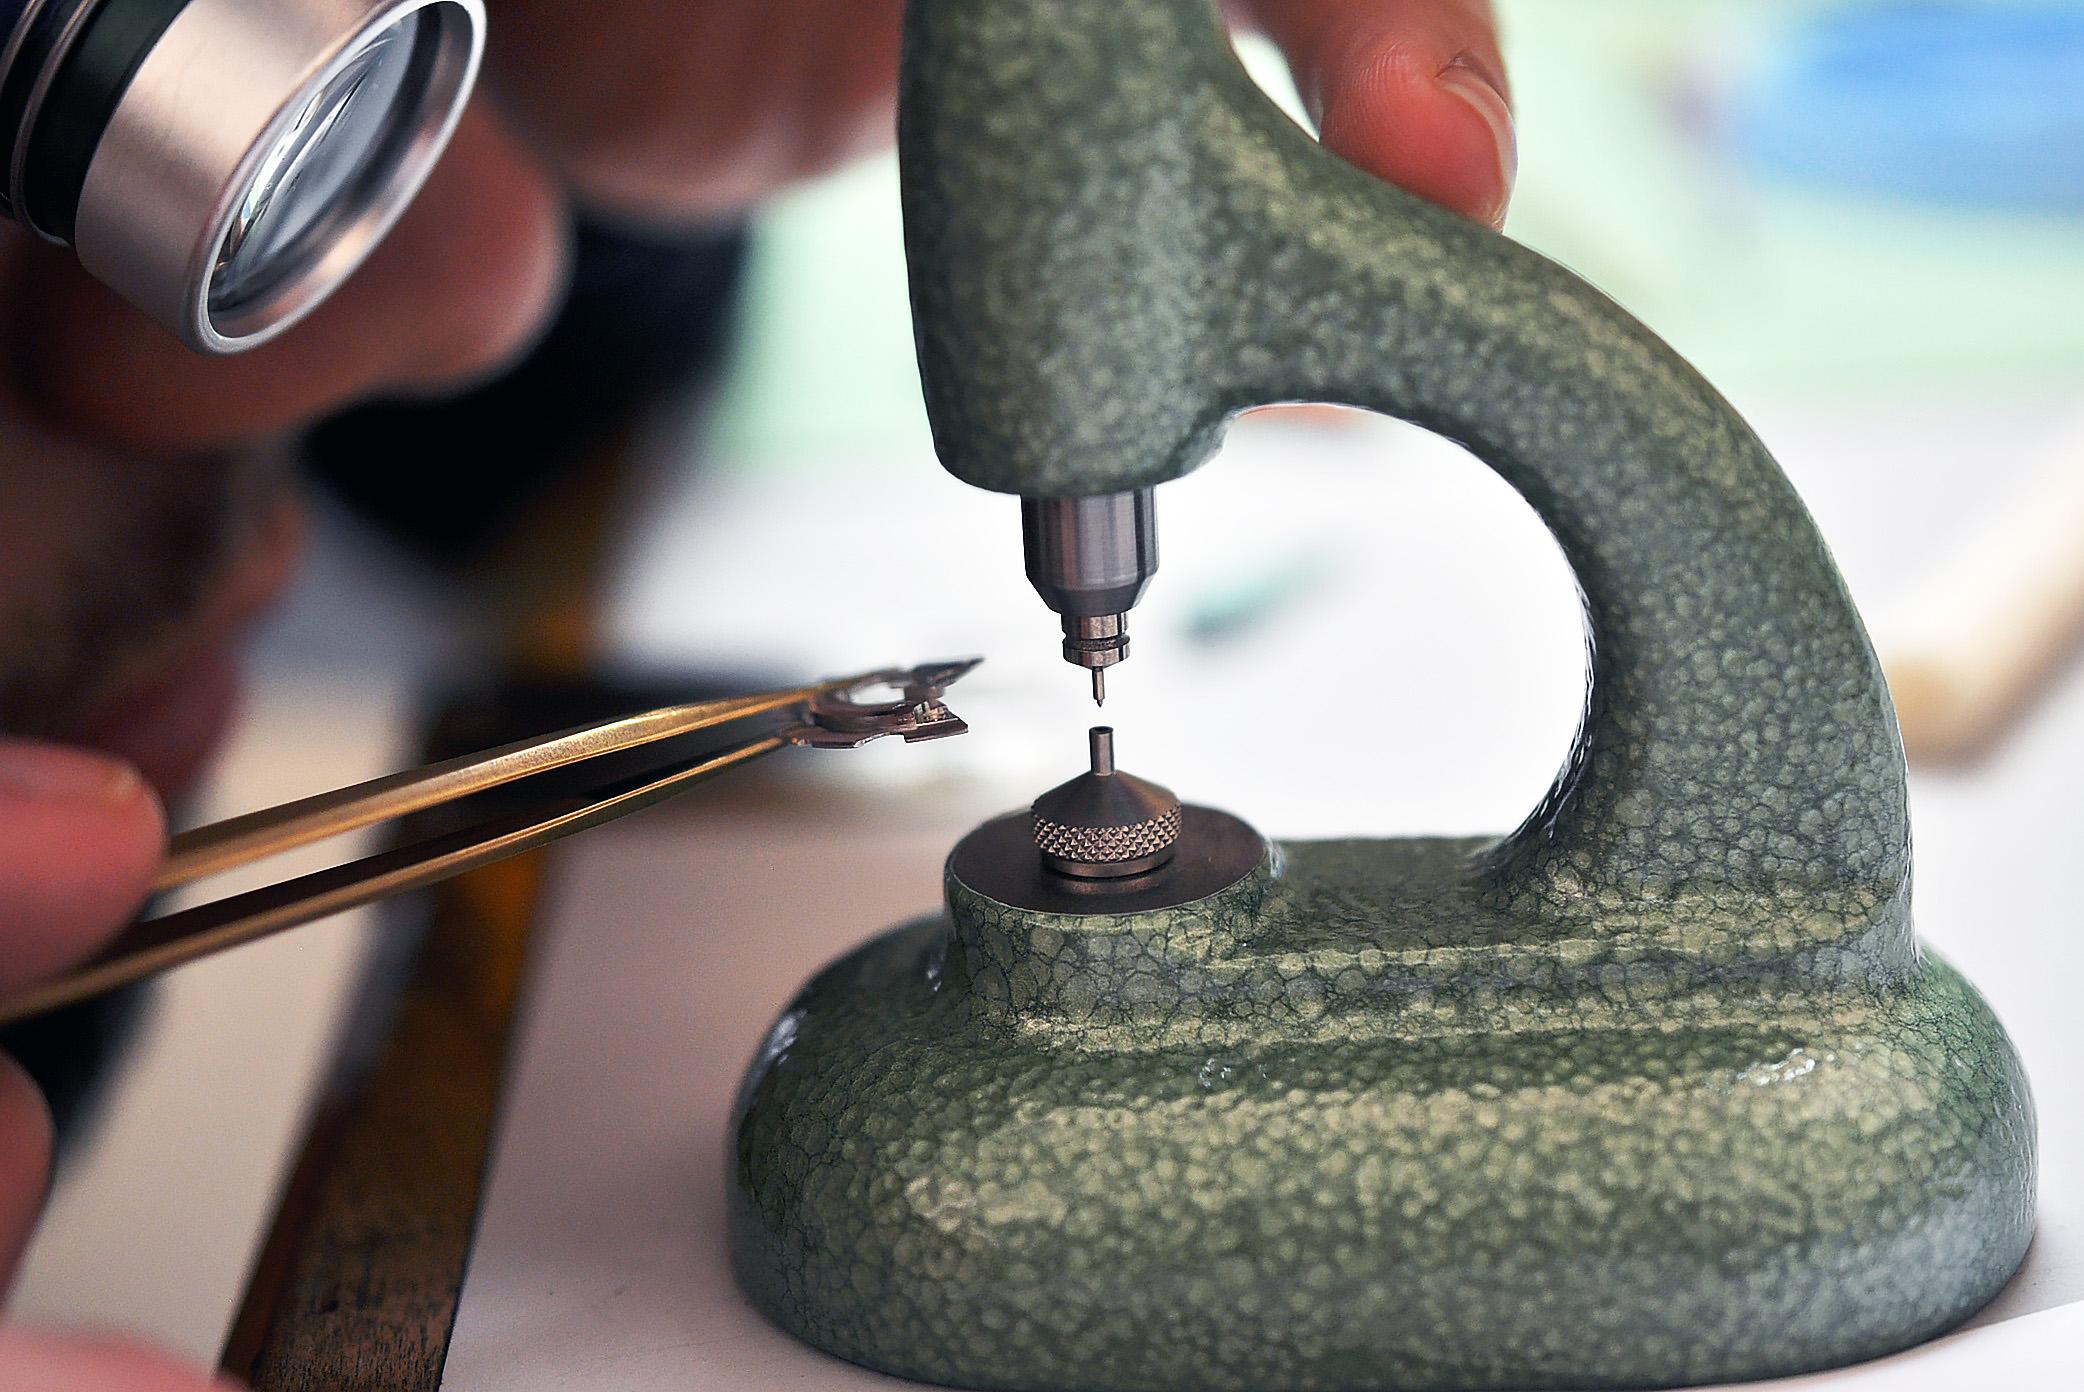 Kris uses his Horia tool to adjust the misaligned jewel